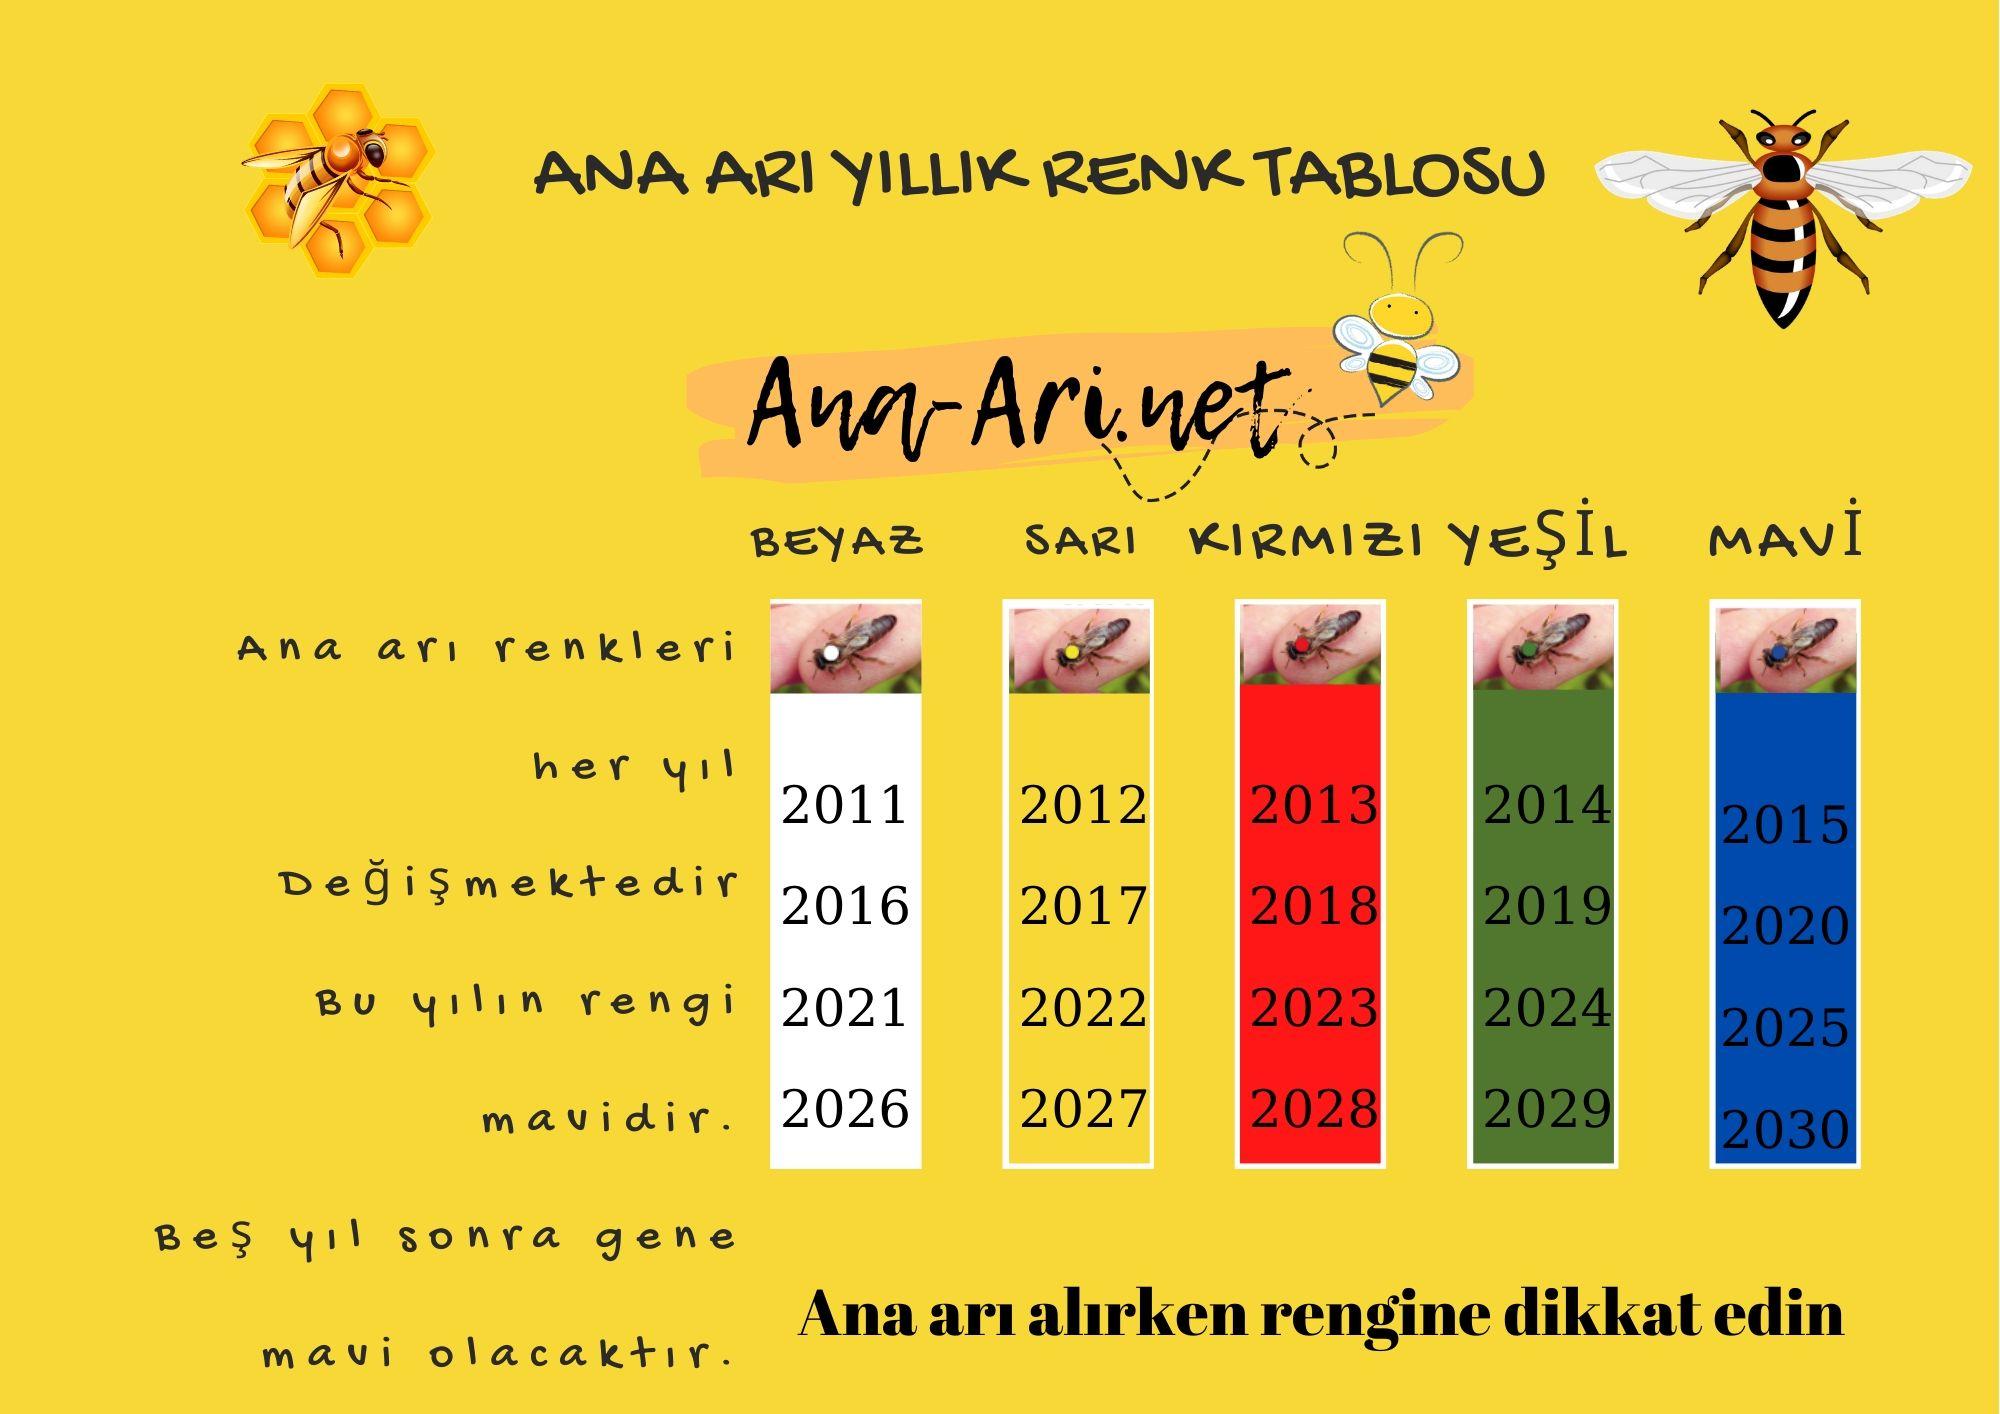 ana arı renkleri